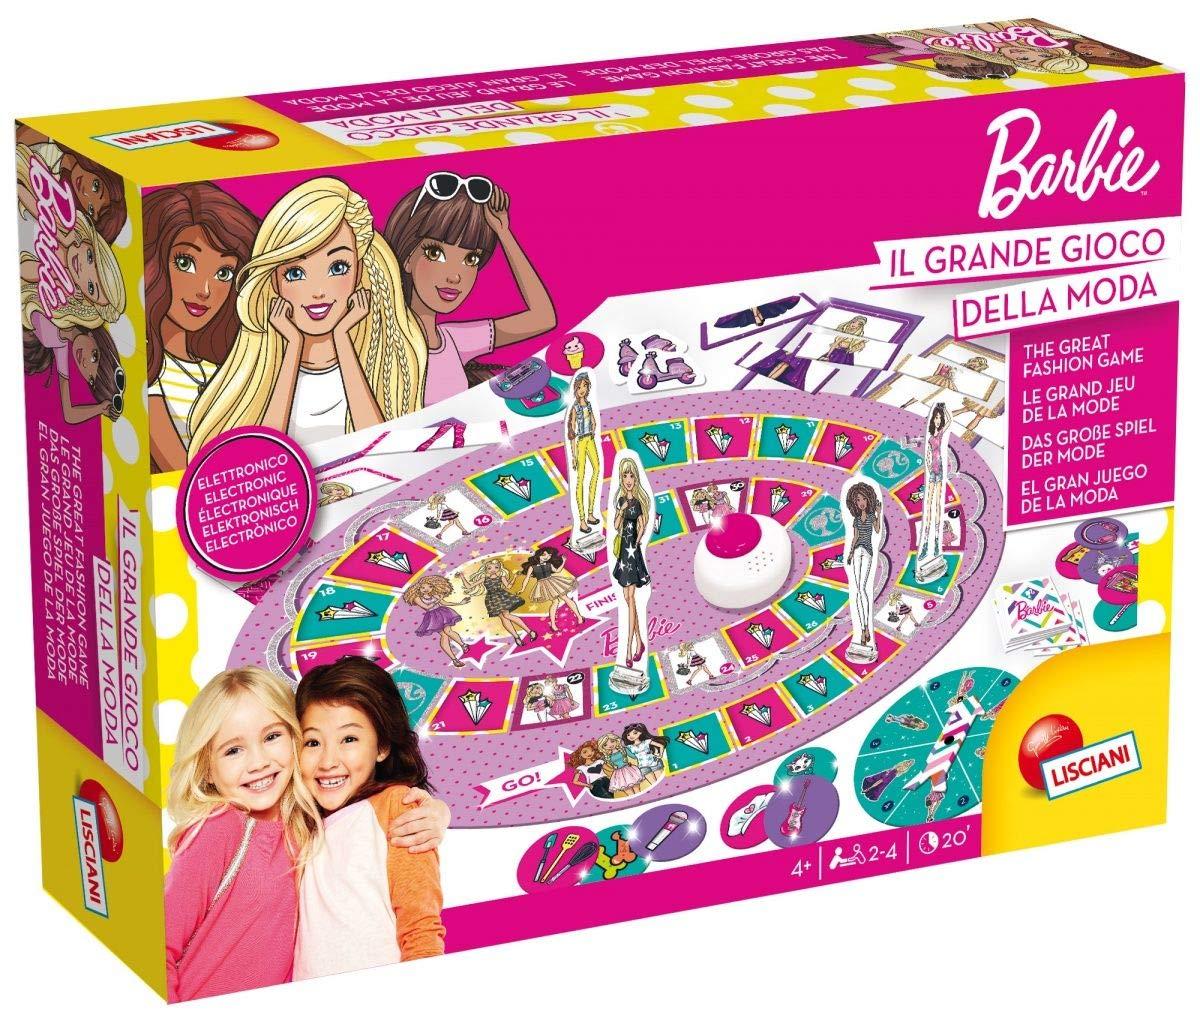 De Grande Mesa Giochi Juegos La Lisciani Il 0 Barbie 63260 GVpUMSqz